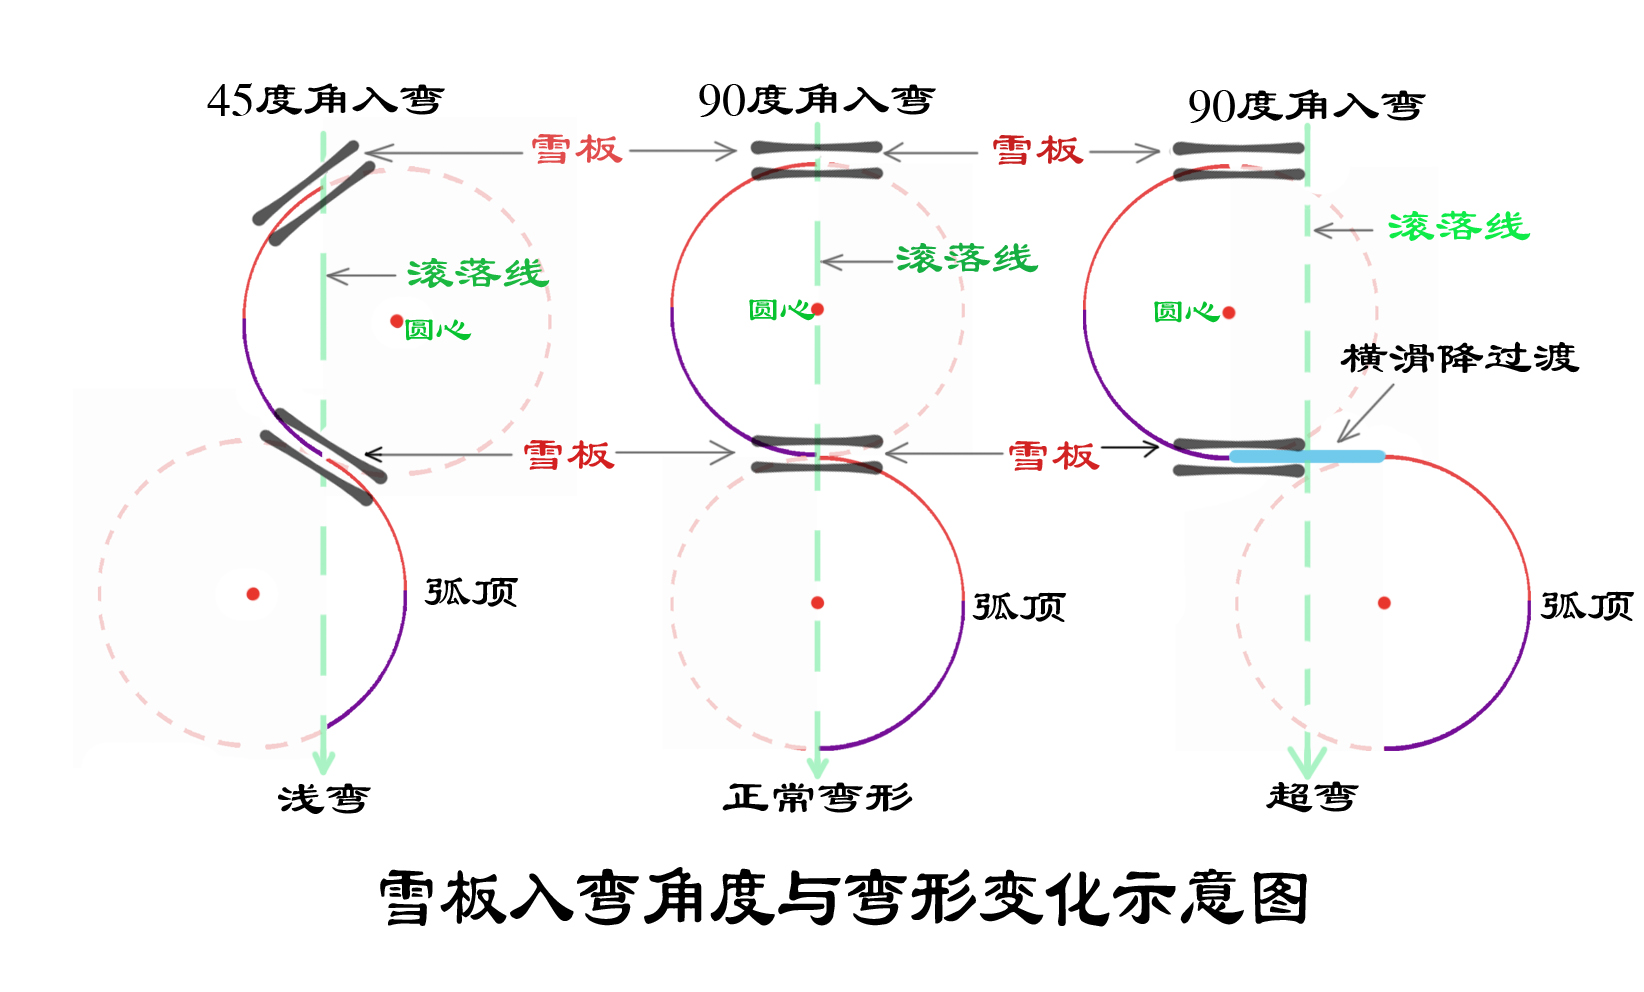 雪板入弯角度与弯形变化示意图副本.jpg